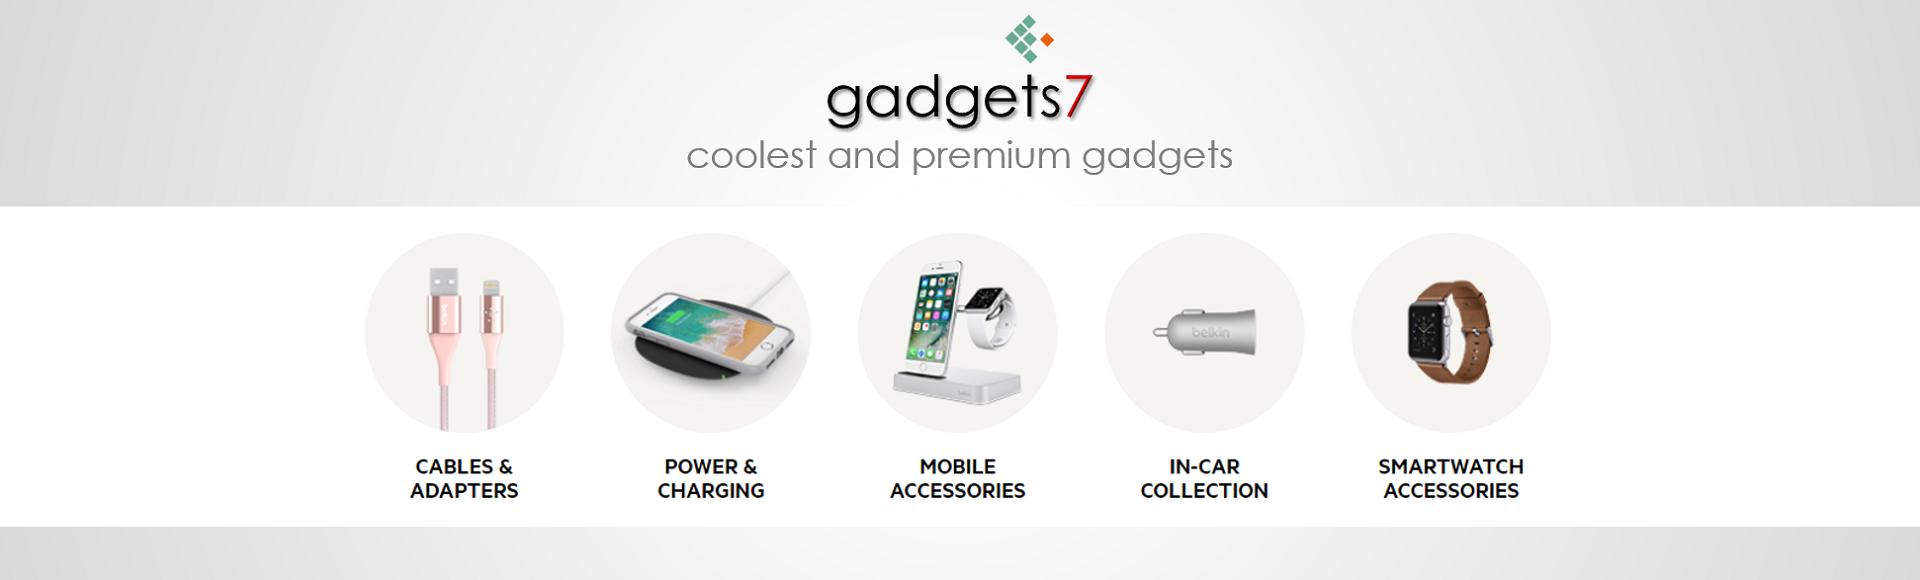 gadgets7